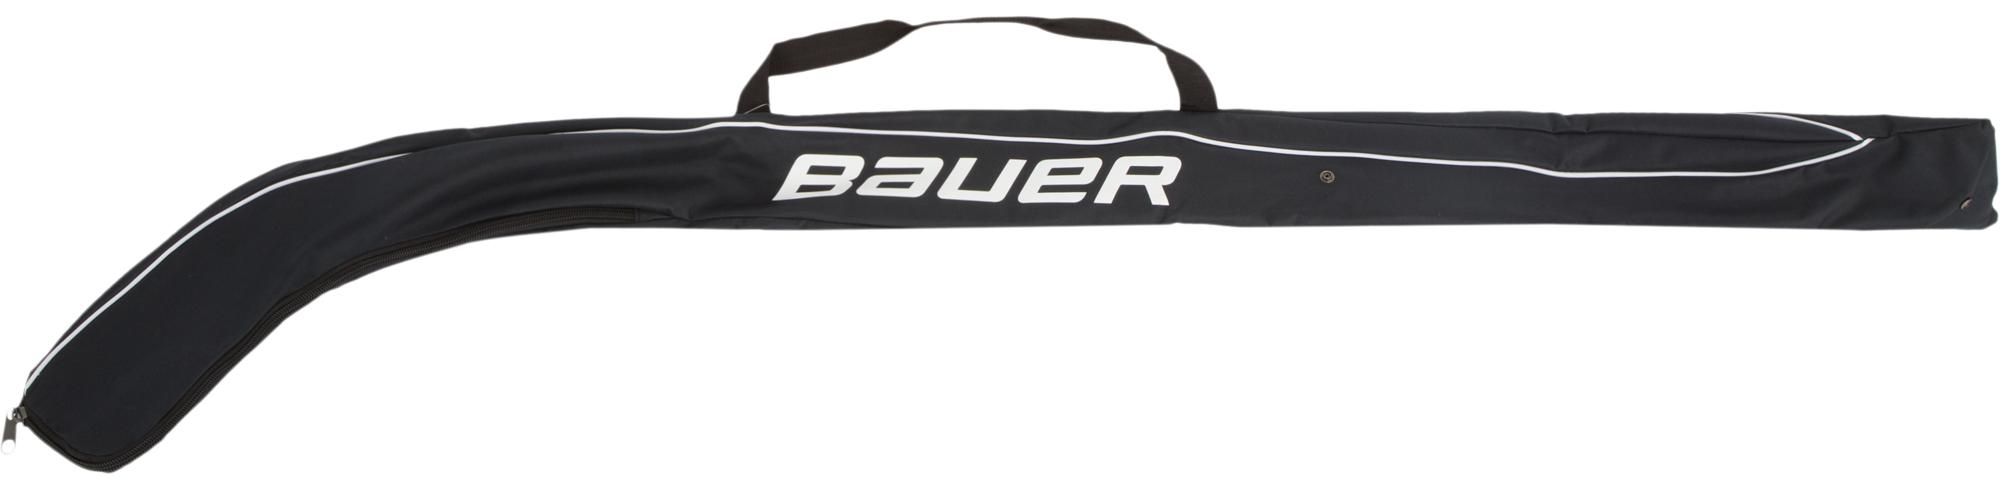 Bauer Сумка для переноски хоккейных клюшек Bauer bauer